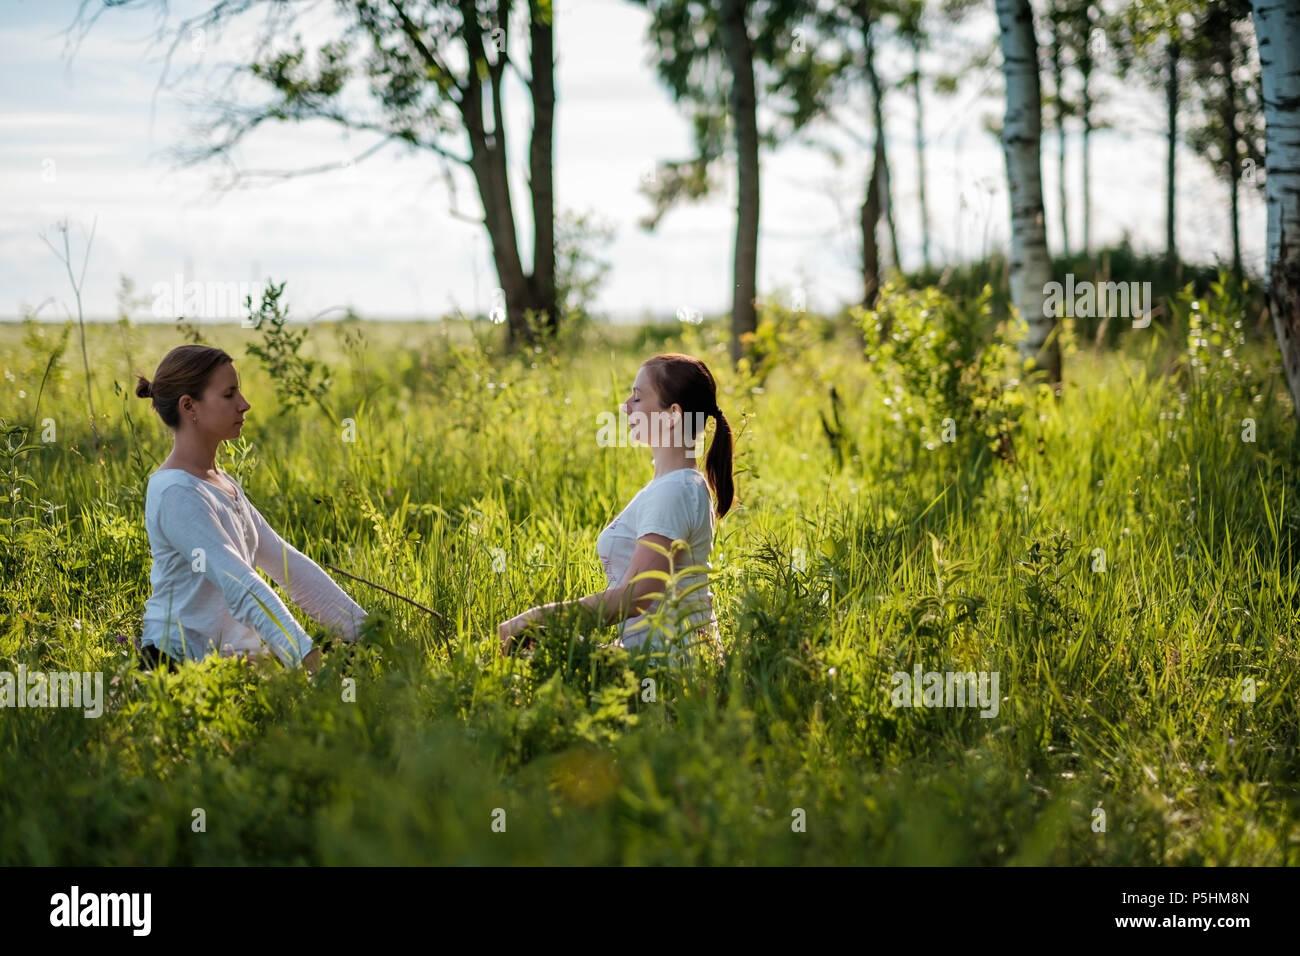 Ritratto di due giovani donna godendo pranayama o esercizi di respirazione, rilassante, sentirsi vivi e sognare Immagini Stock